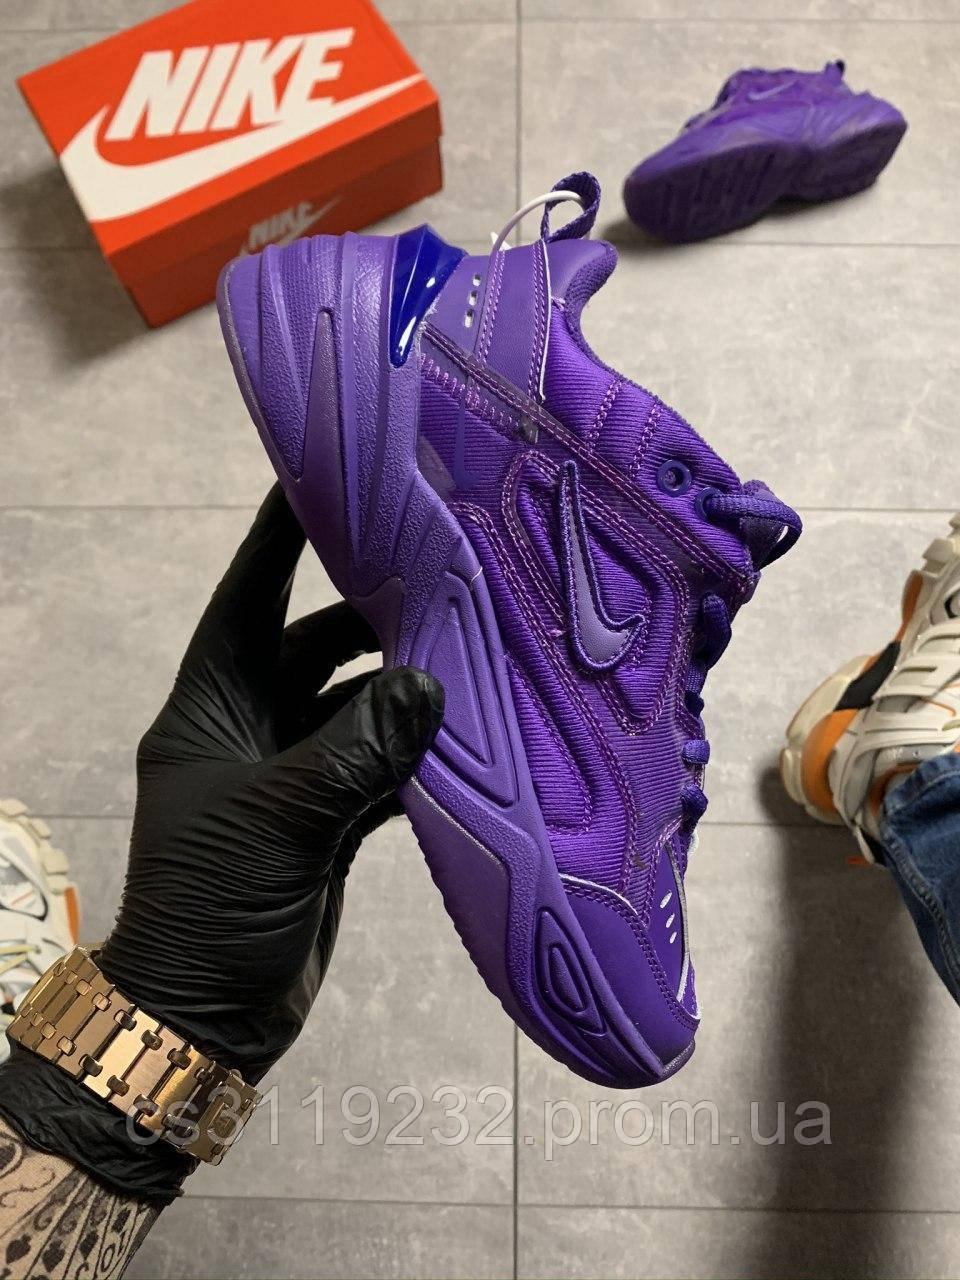 Женские кроссовки  Nike M2K Tekno Violet(фиолетовые)